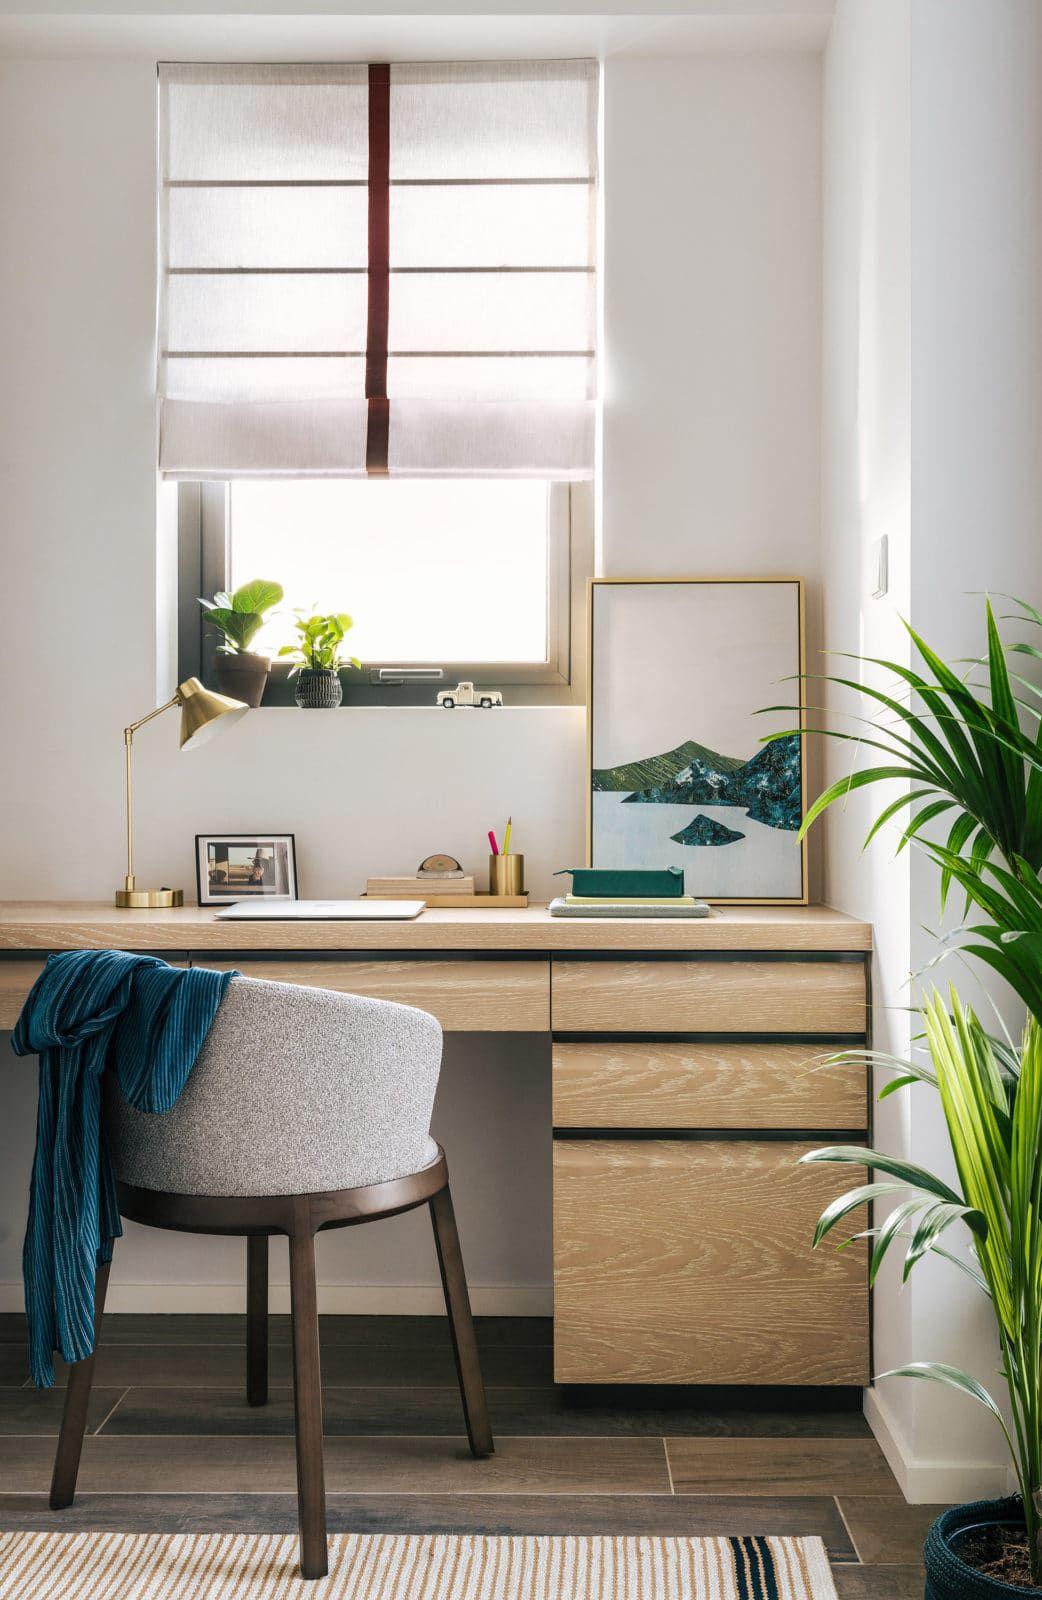 2.5 Bedroom Duplex Study Room